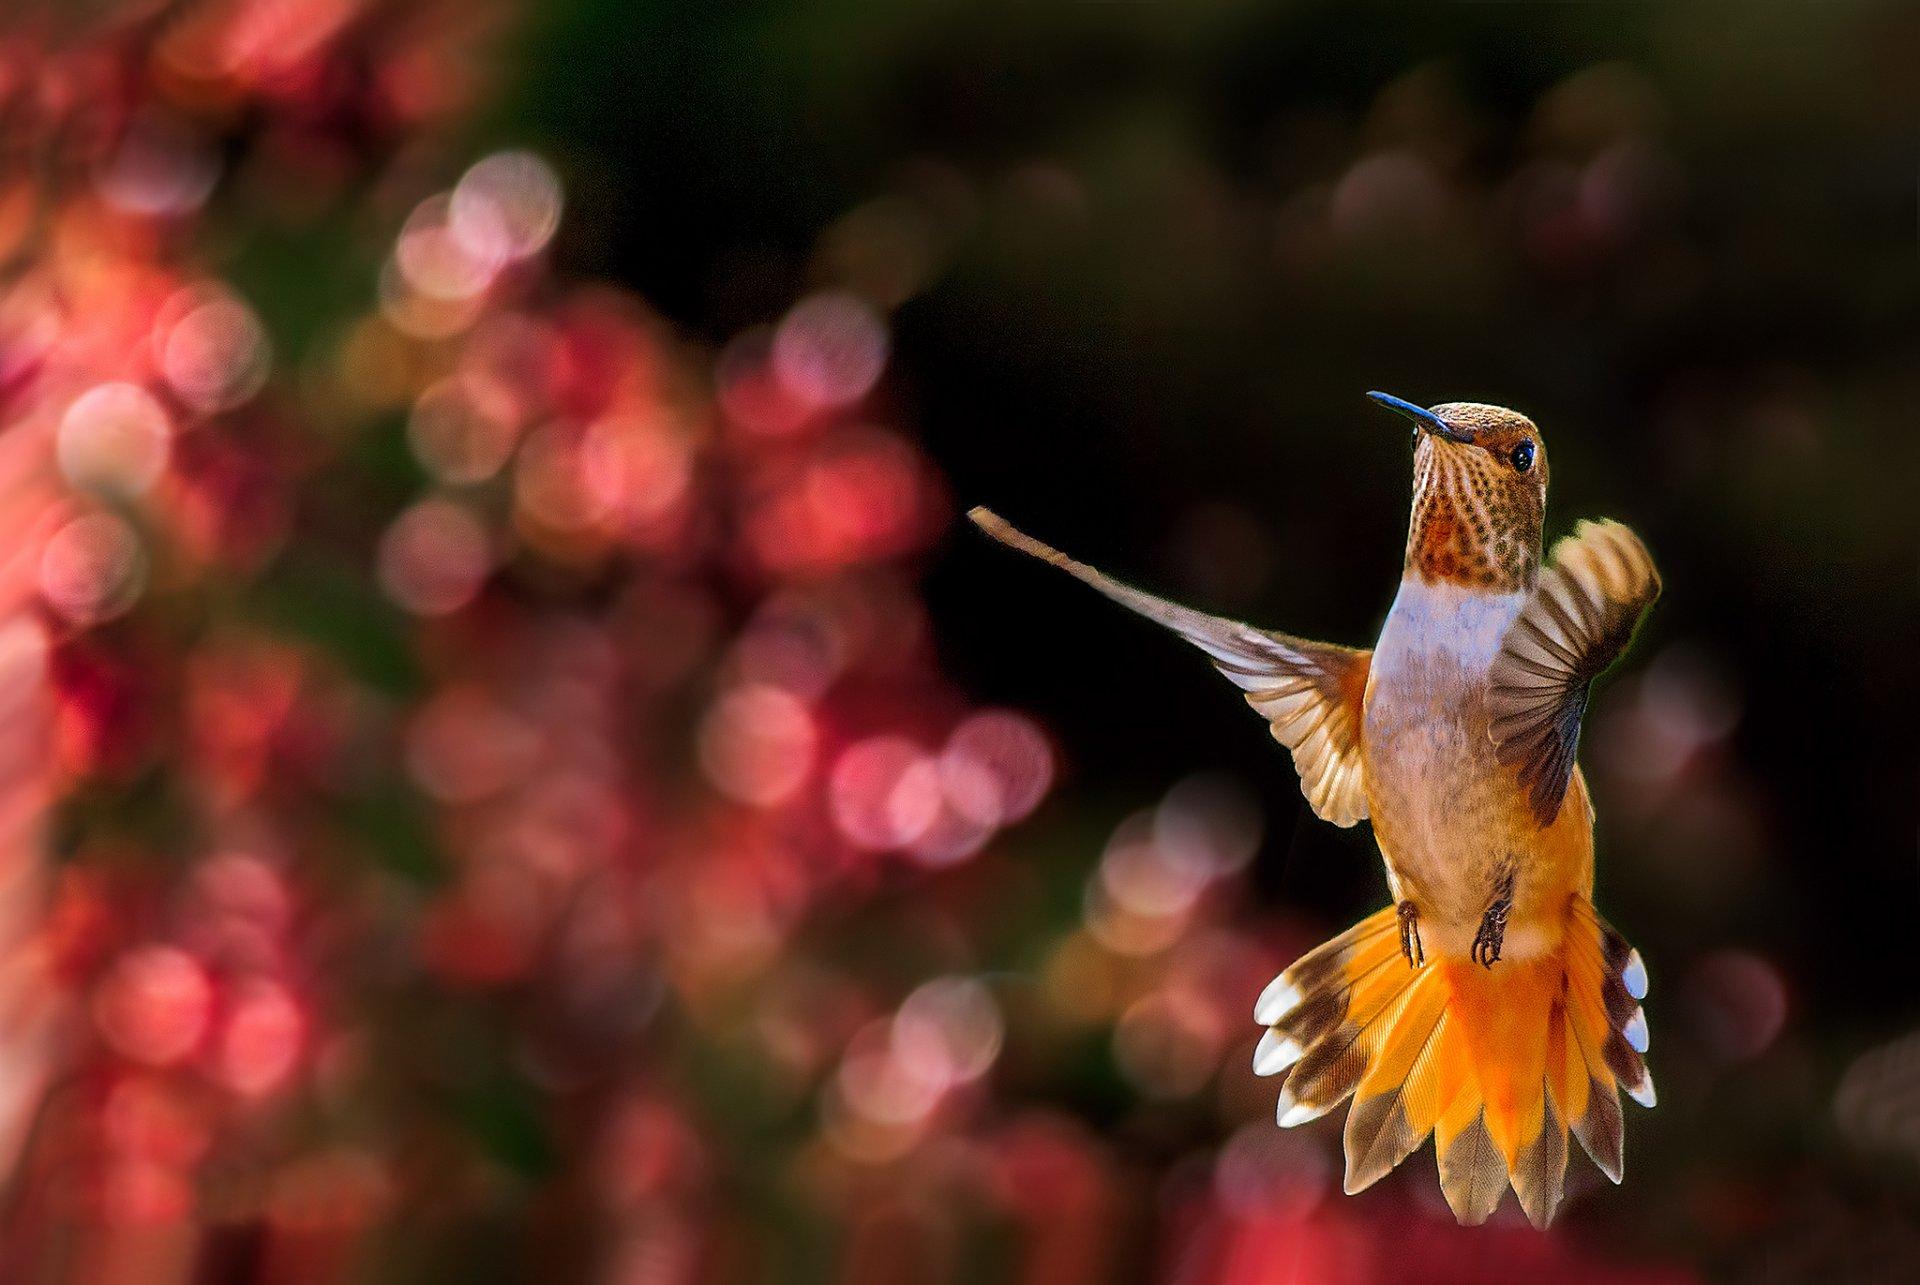 мол очень красивые птицы снились политику